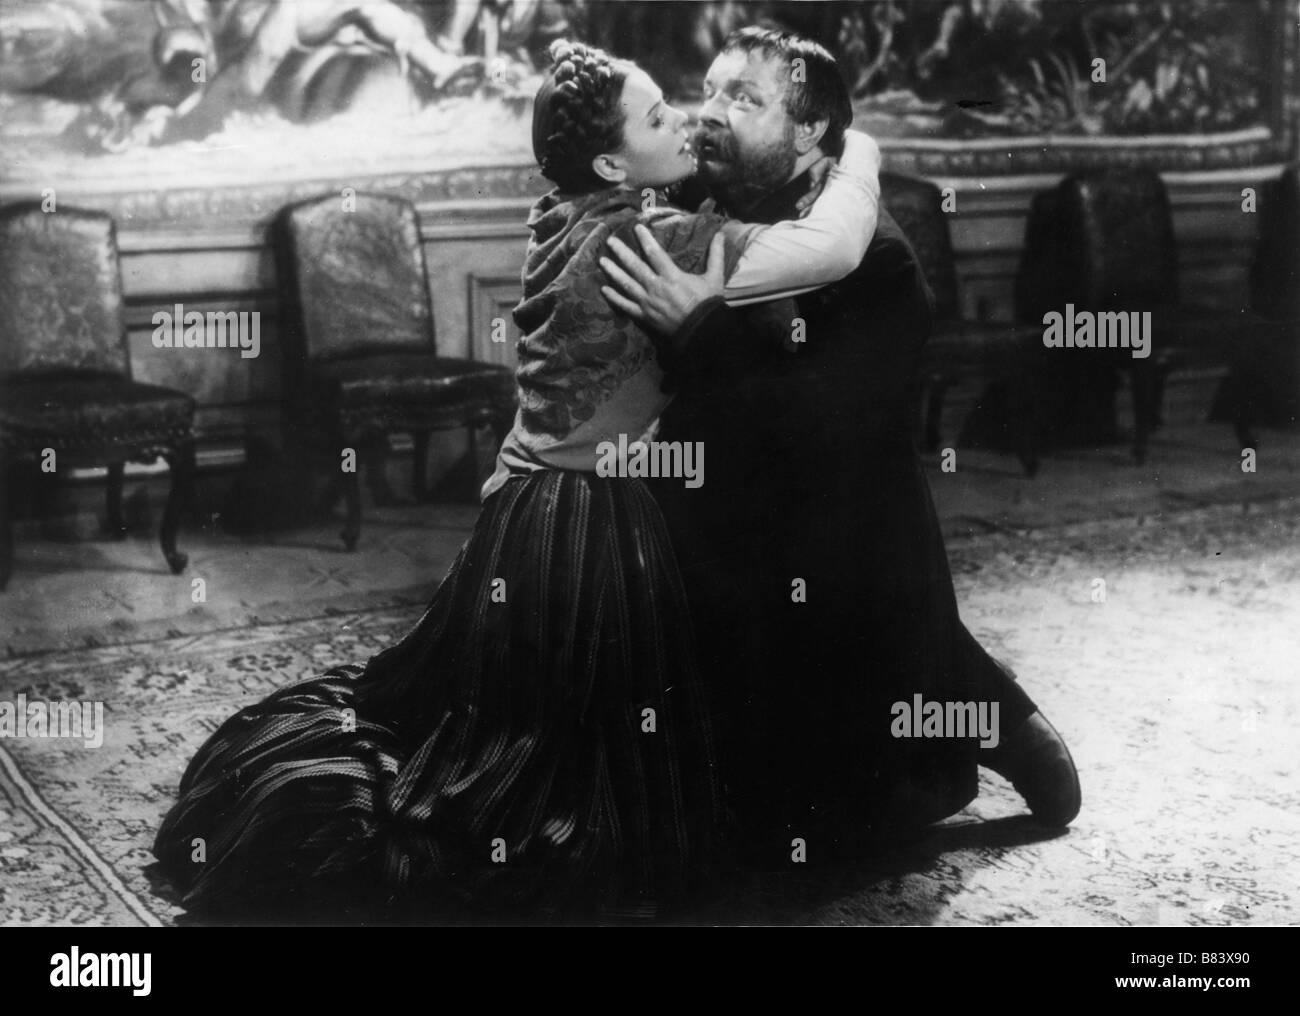 Der Postmeister The Stationmaster Year: 1940 - Germany Heinrich George, Hilde Krahl  Director: Gustav Ucicky Based - Stock Image